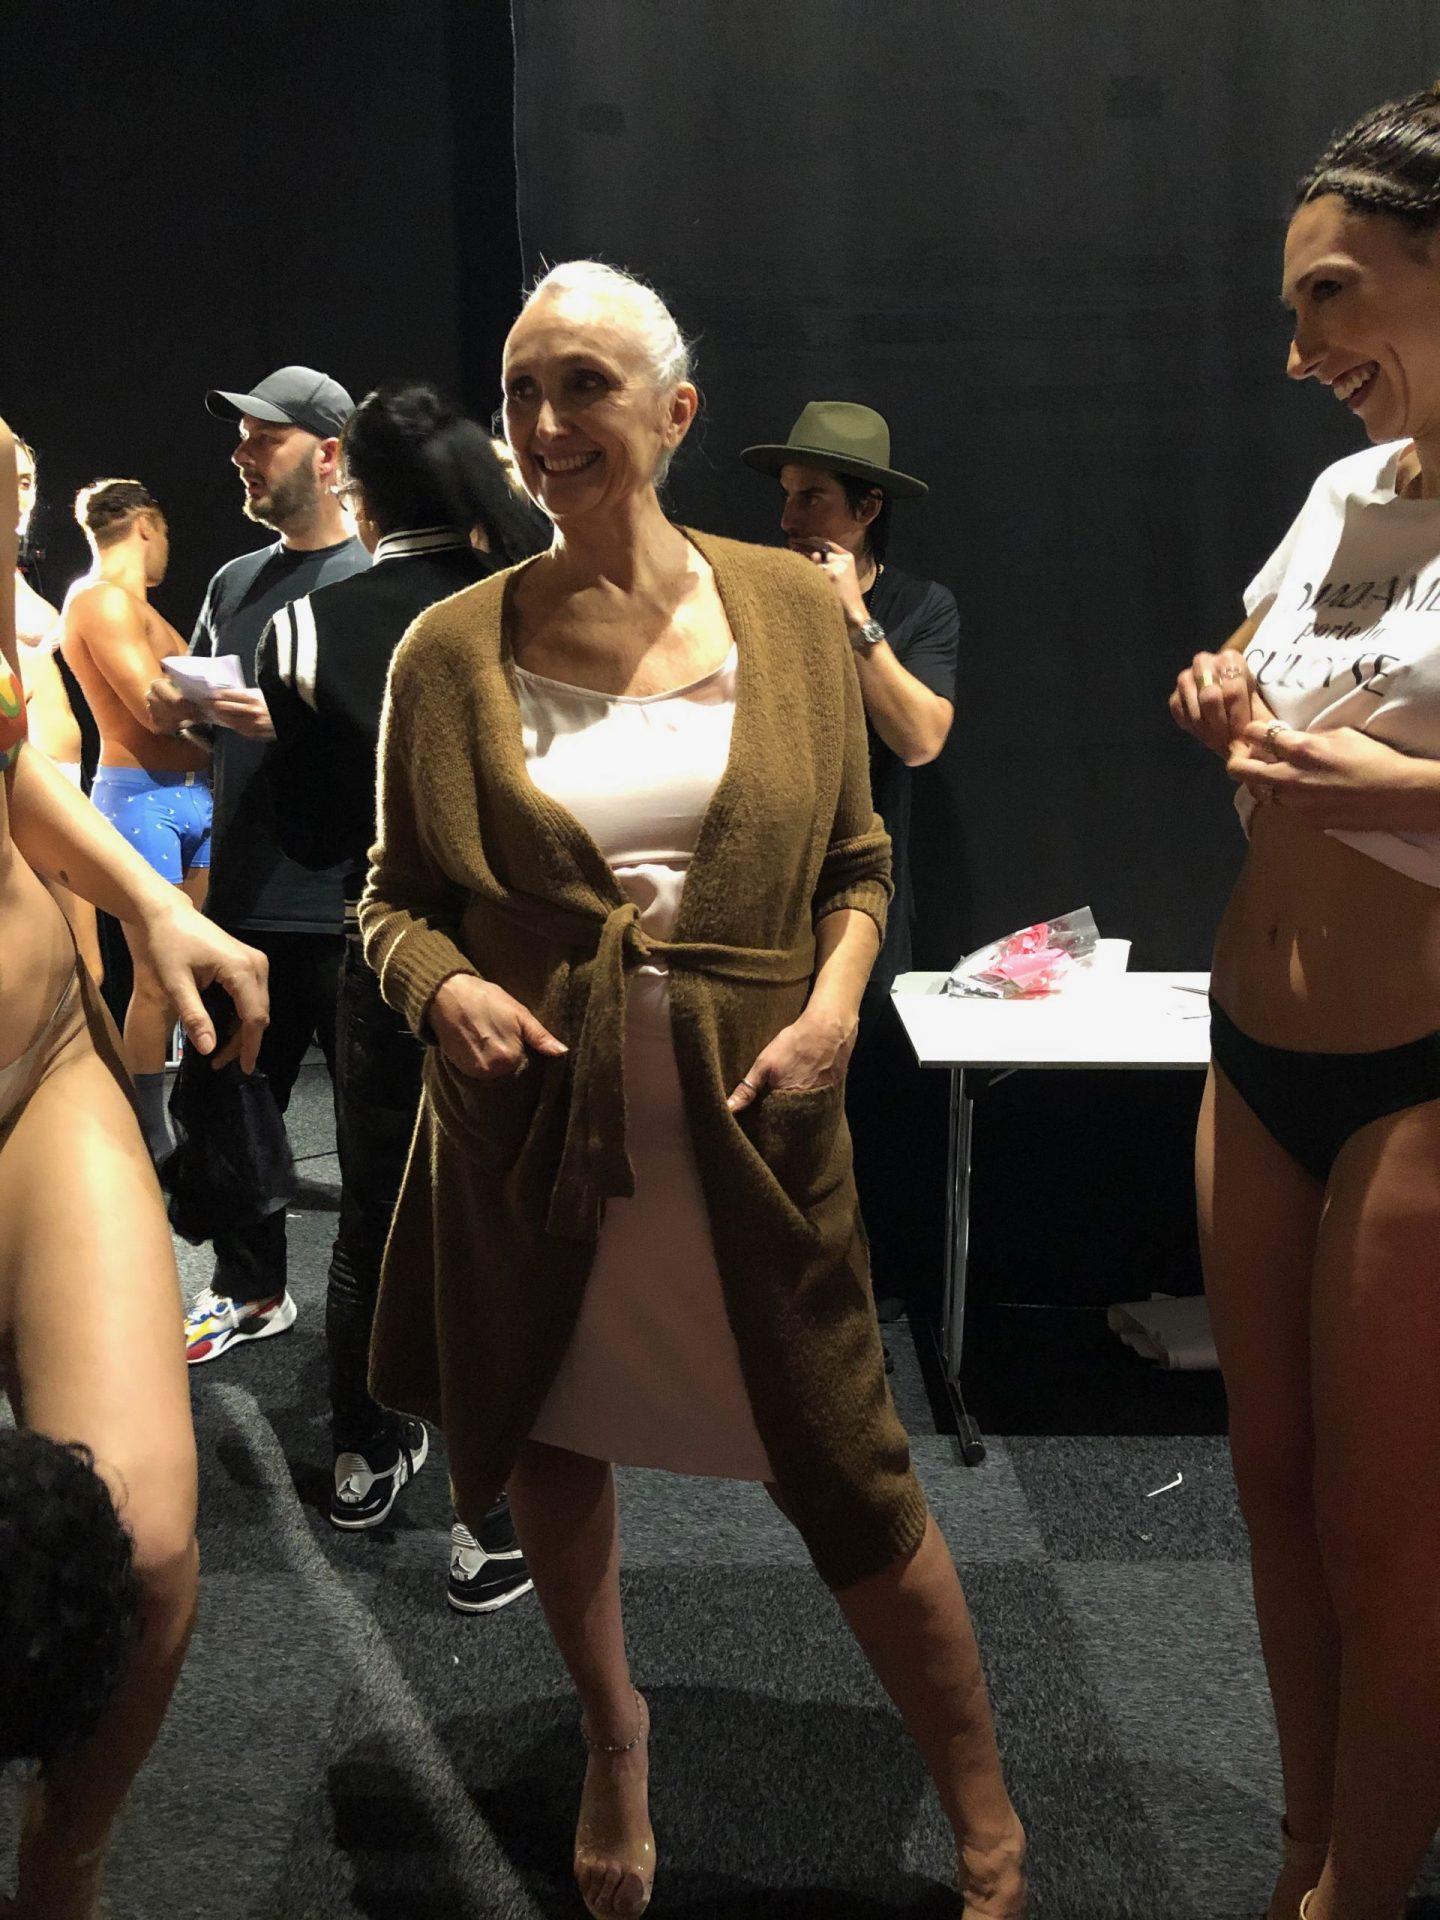 Salon de la lingerie et mon premier catwalk à presque 60 ans